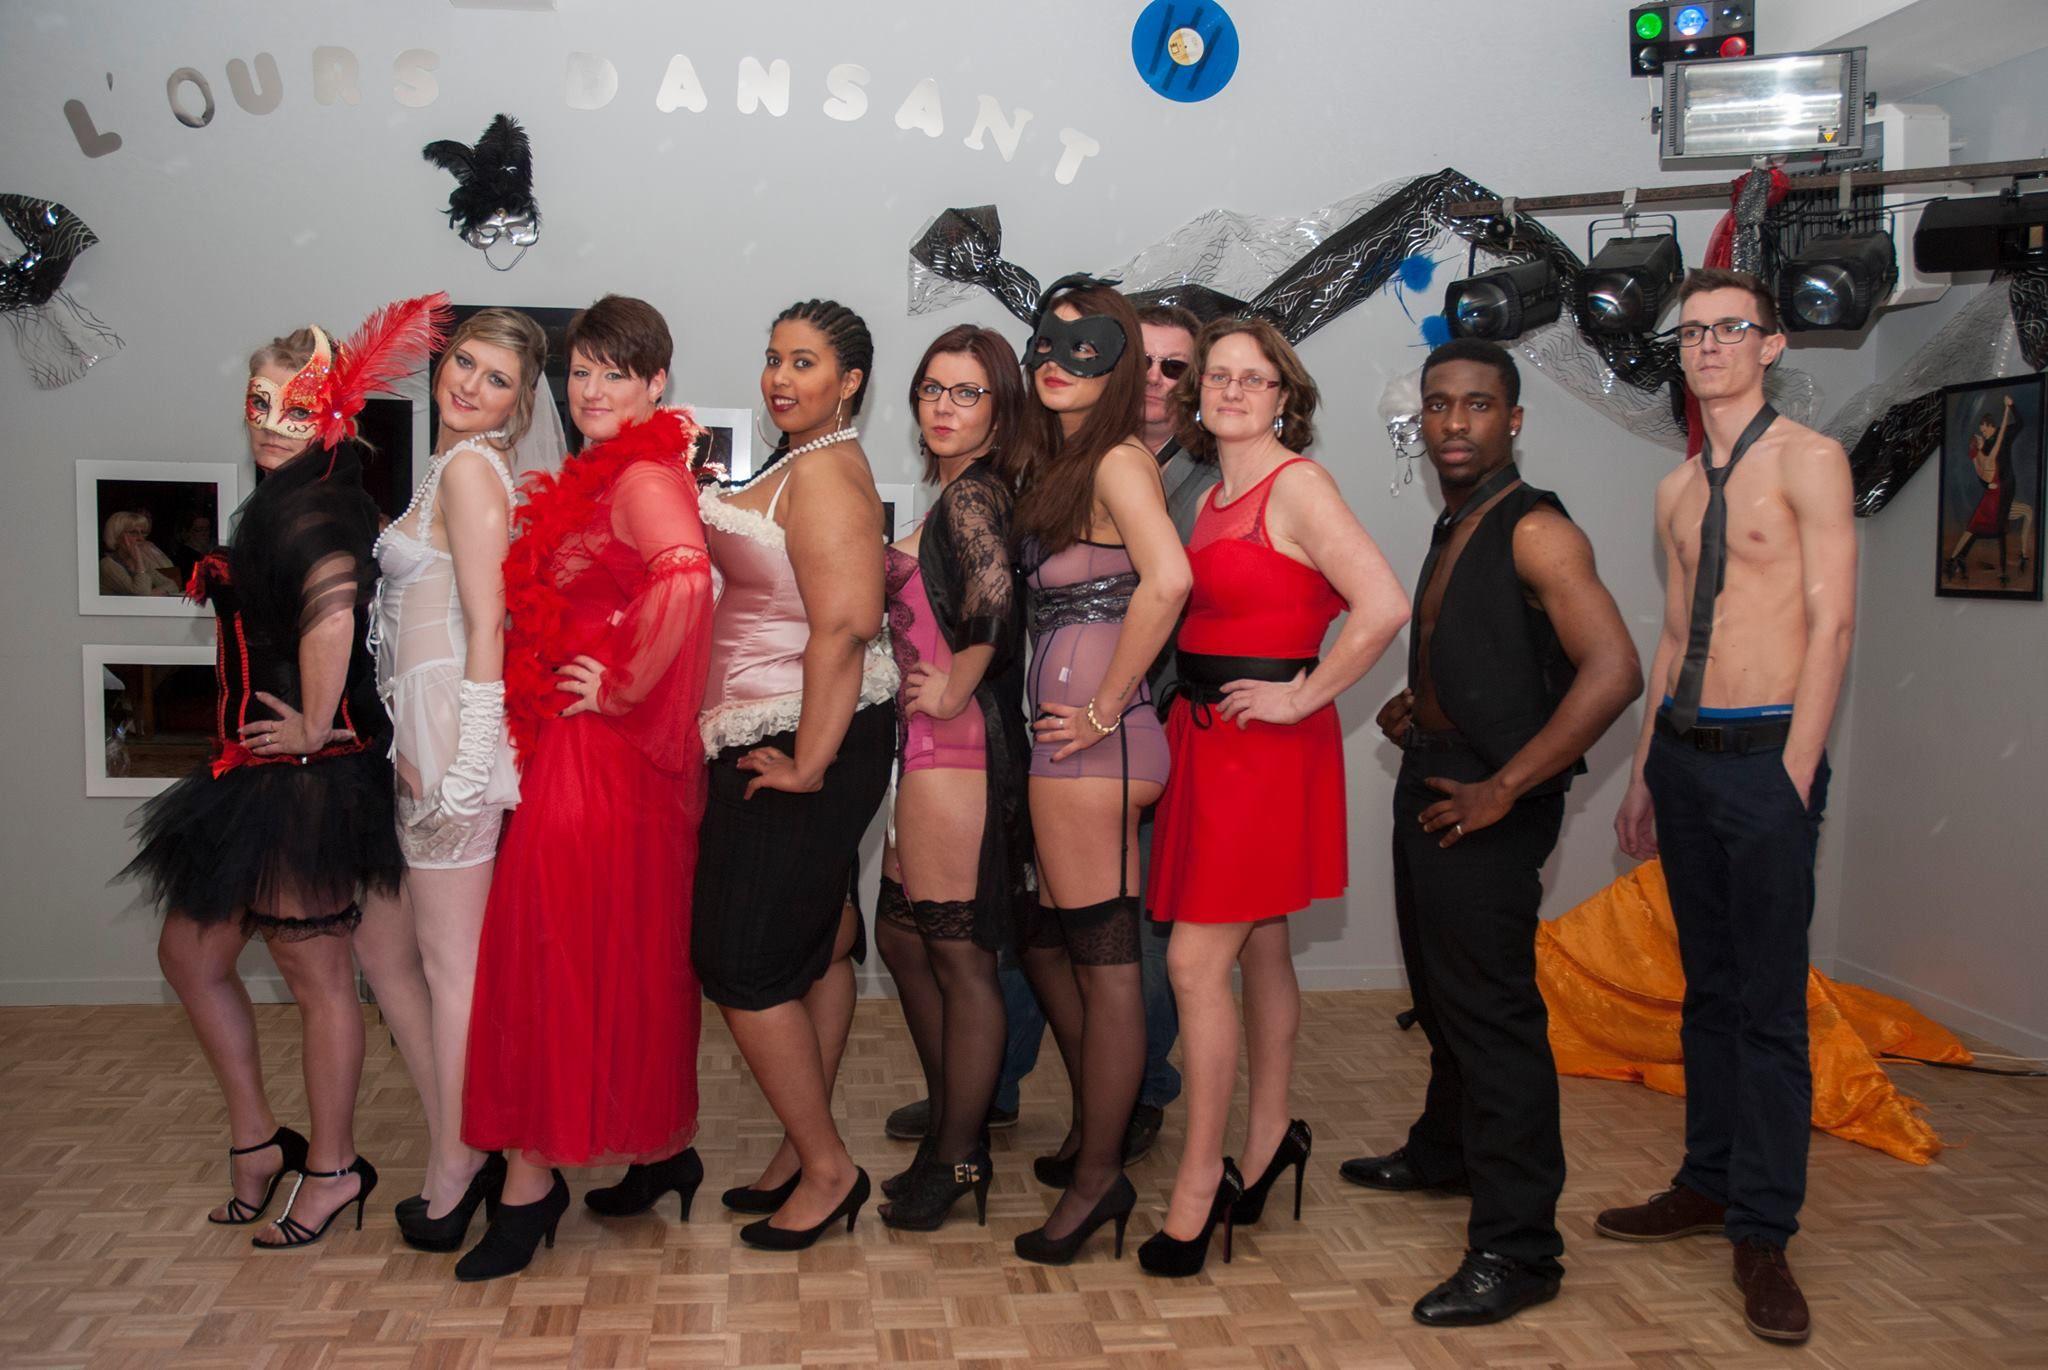 Défilé lingerie à L'Ours Dansant Mars 2015 Tenues : www.laboutiquedesophie.net